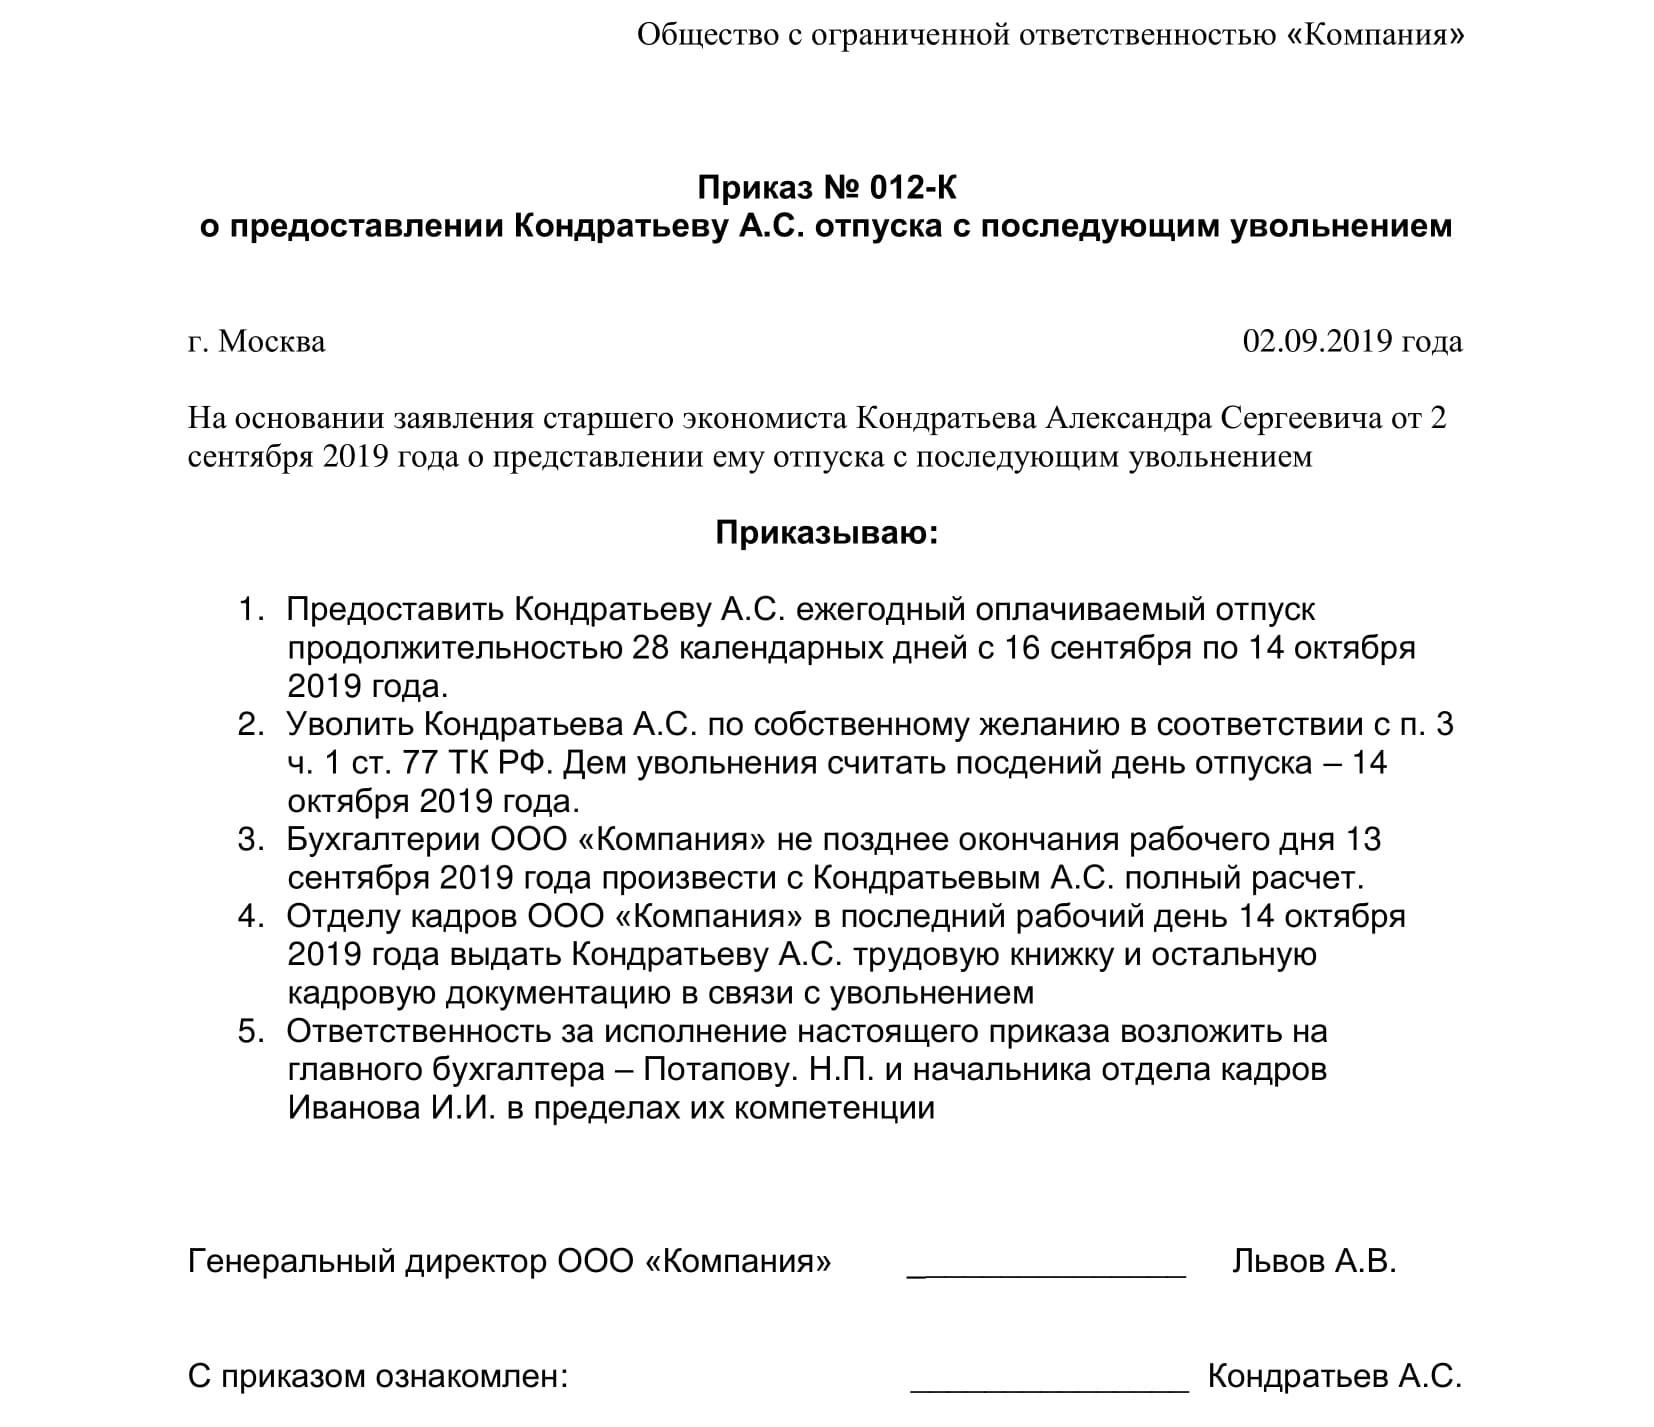 mozhno-li-uvolitsya-nahodyas-v-otpuske